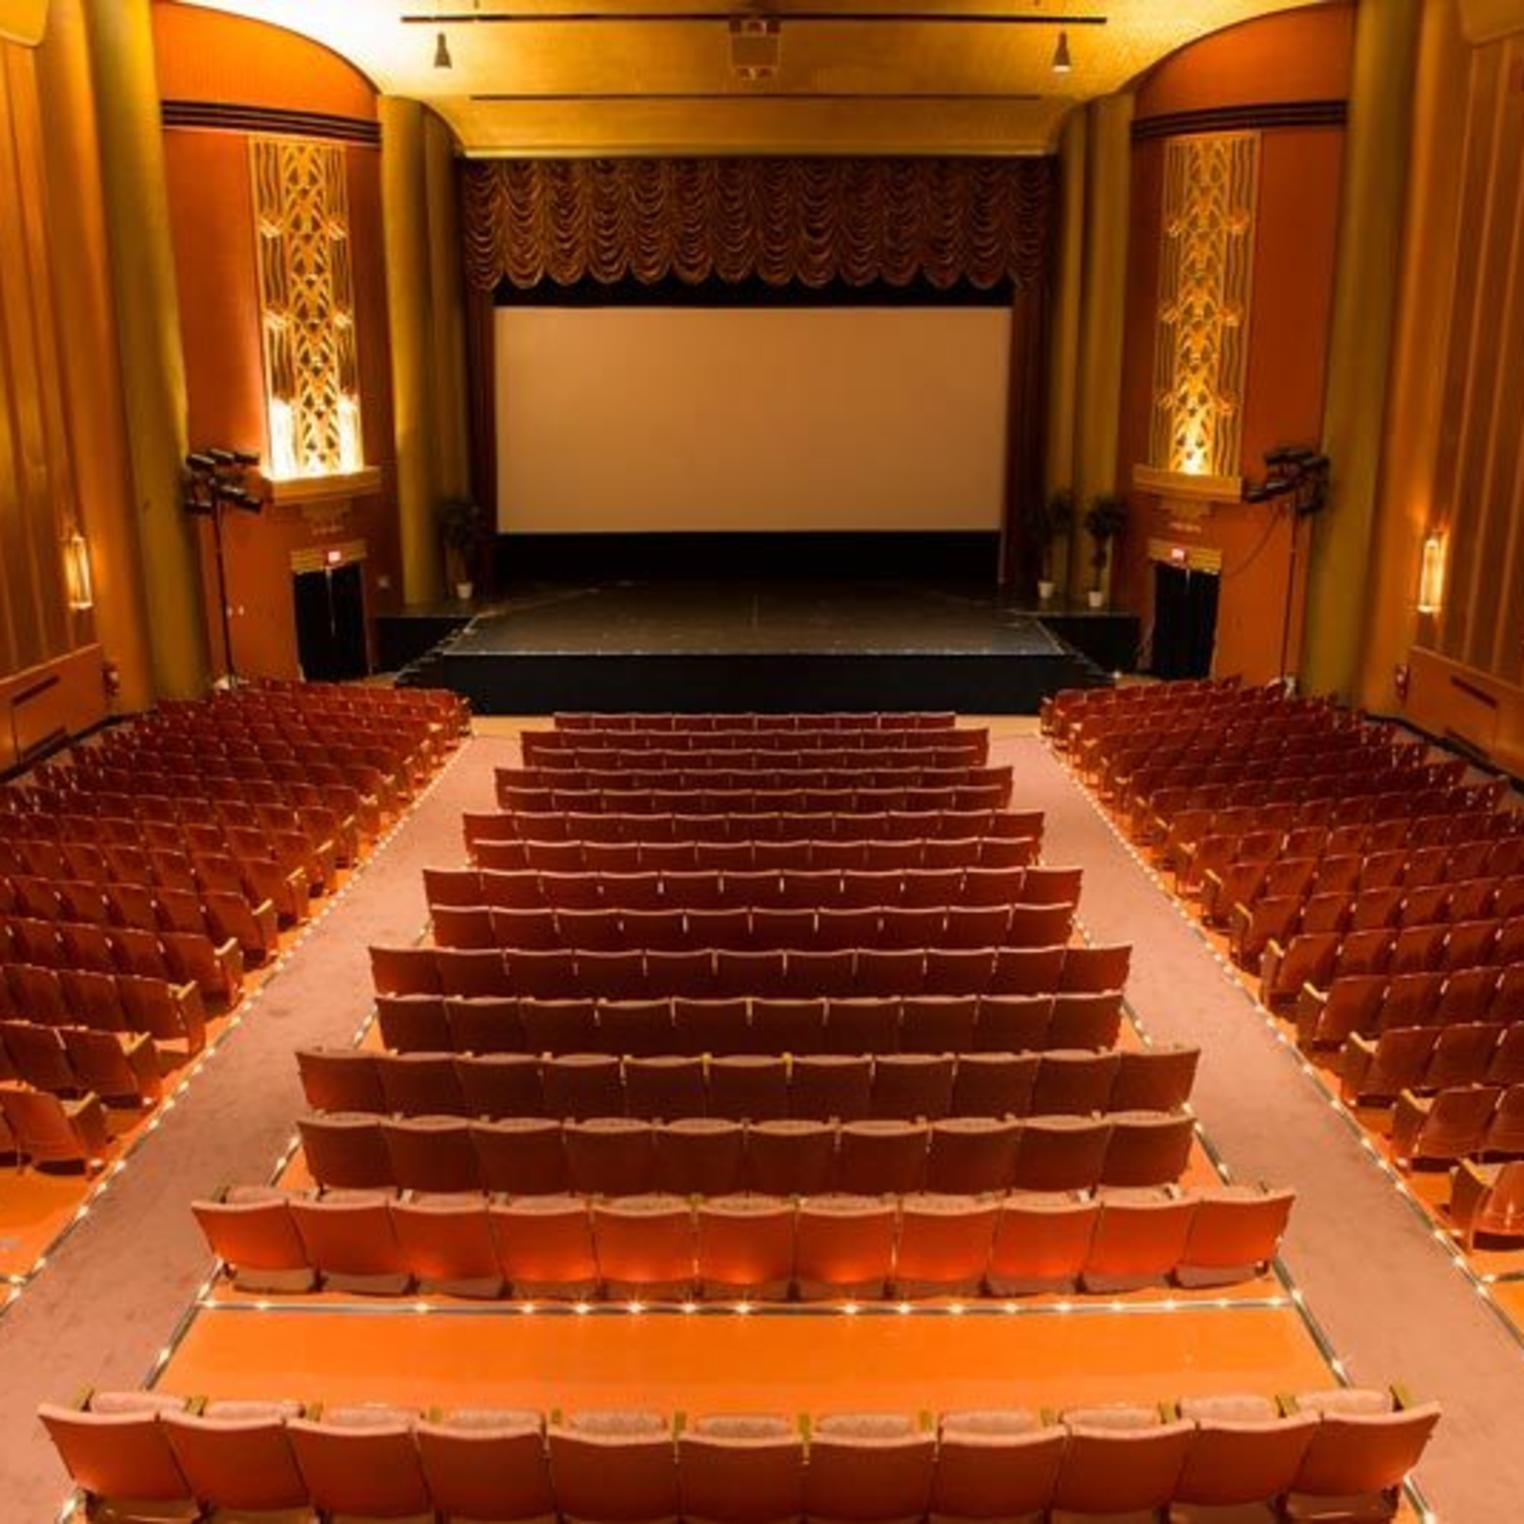 Carlisle Theatre Interior